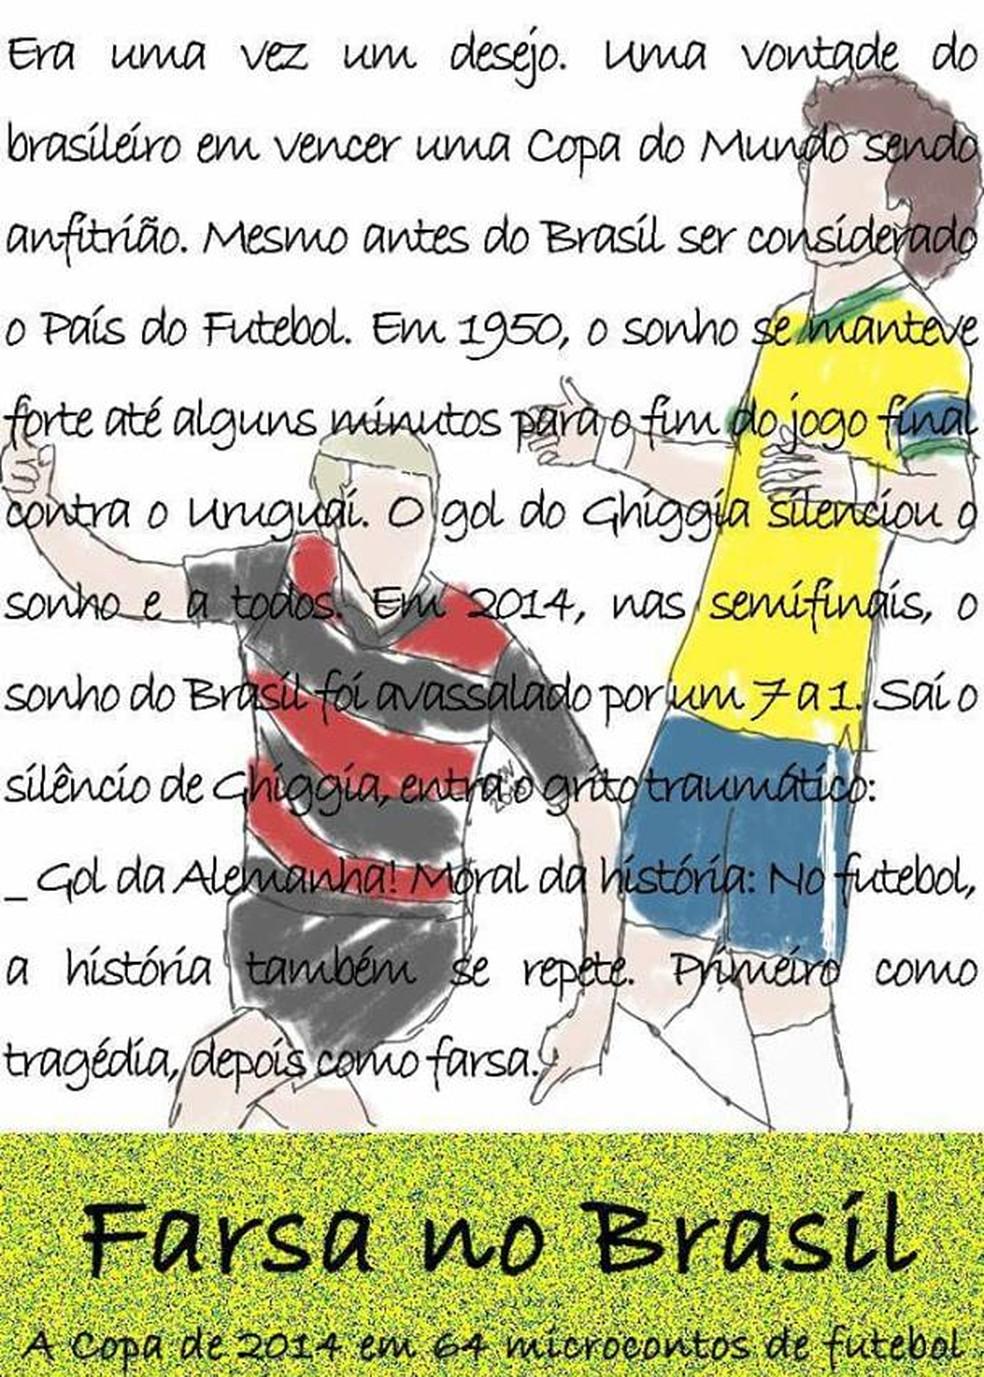 Futebol e literatura: Professor reconta jogos das Copas do Mundo em 100  palavras   triângulo mineiro